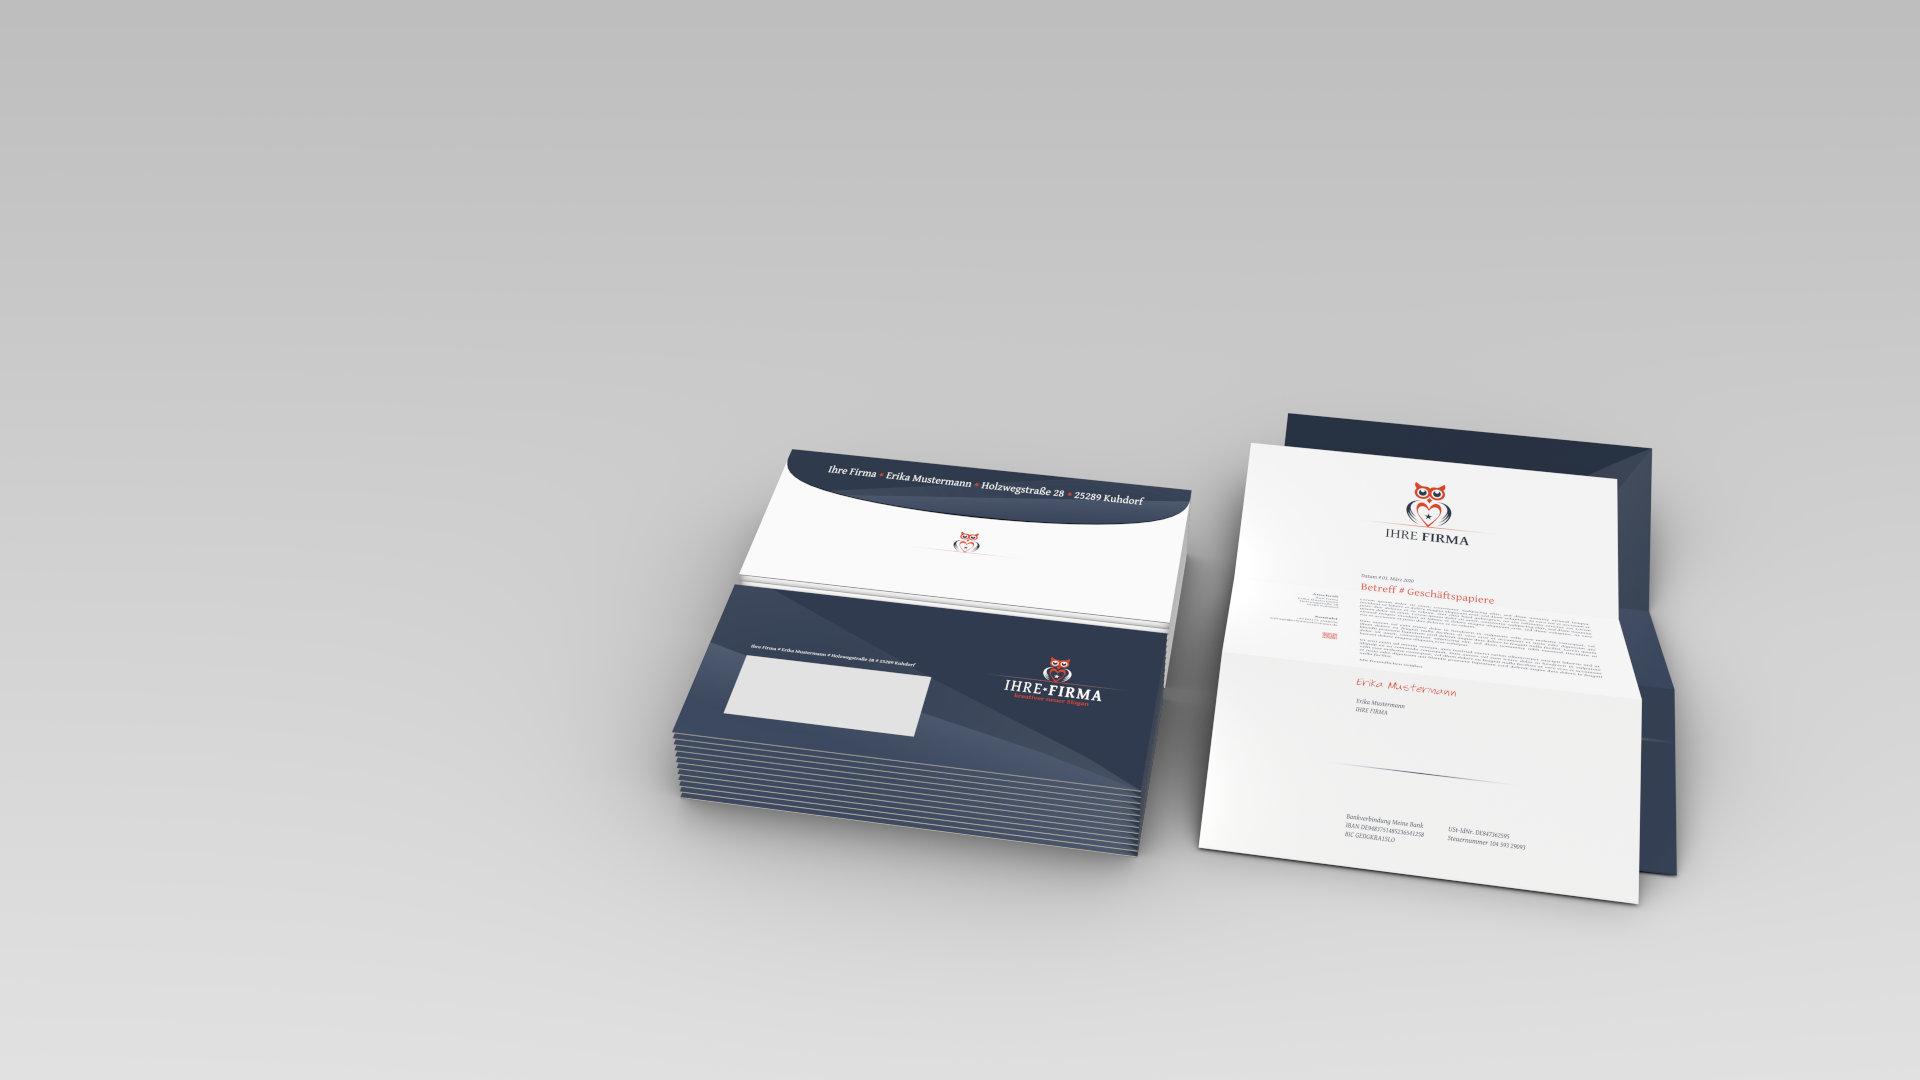 Blender3D-Grafik - Briefpapier